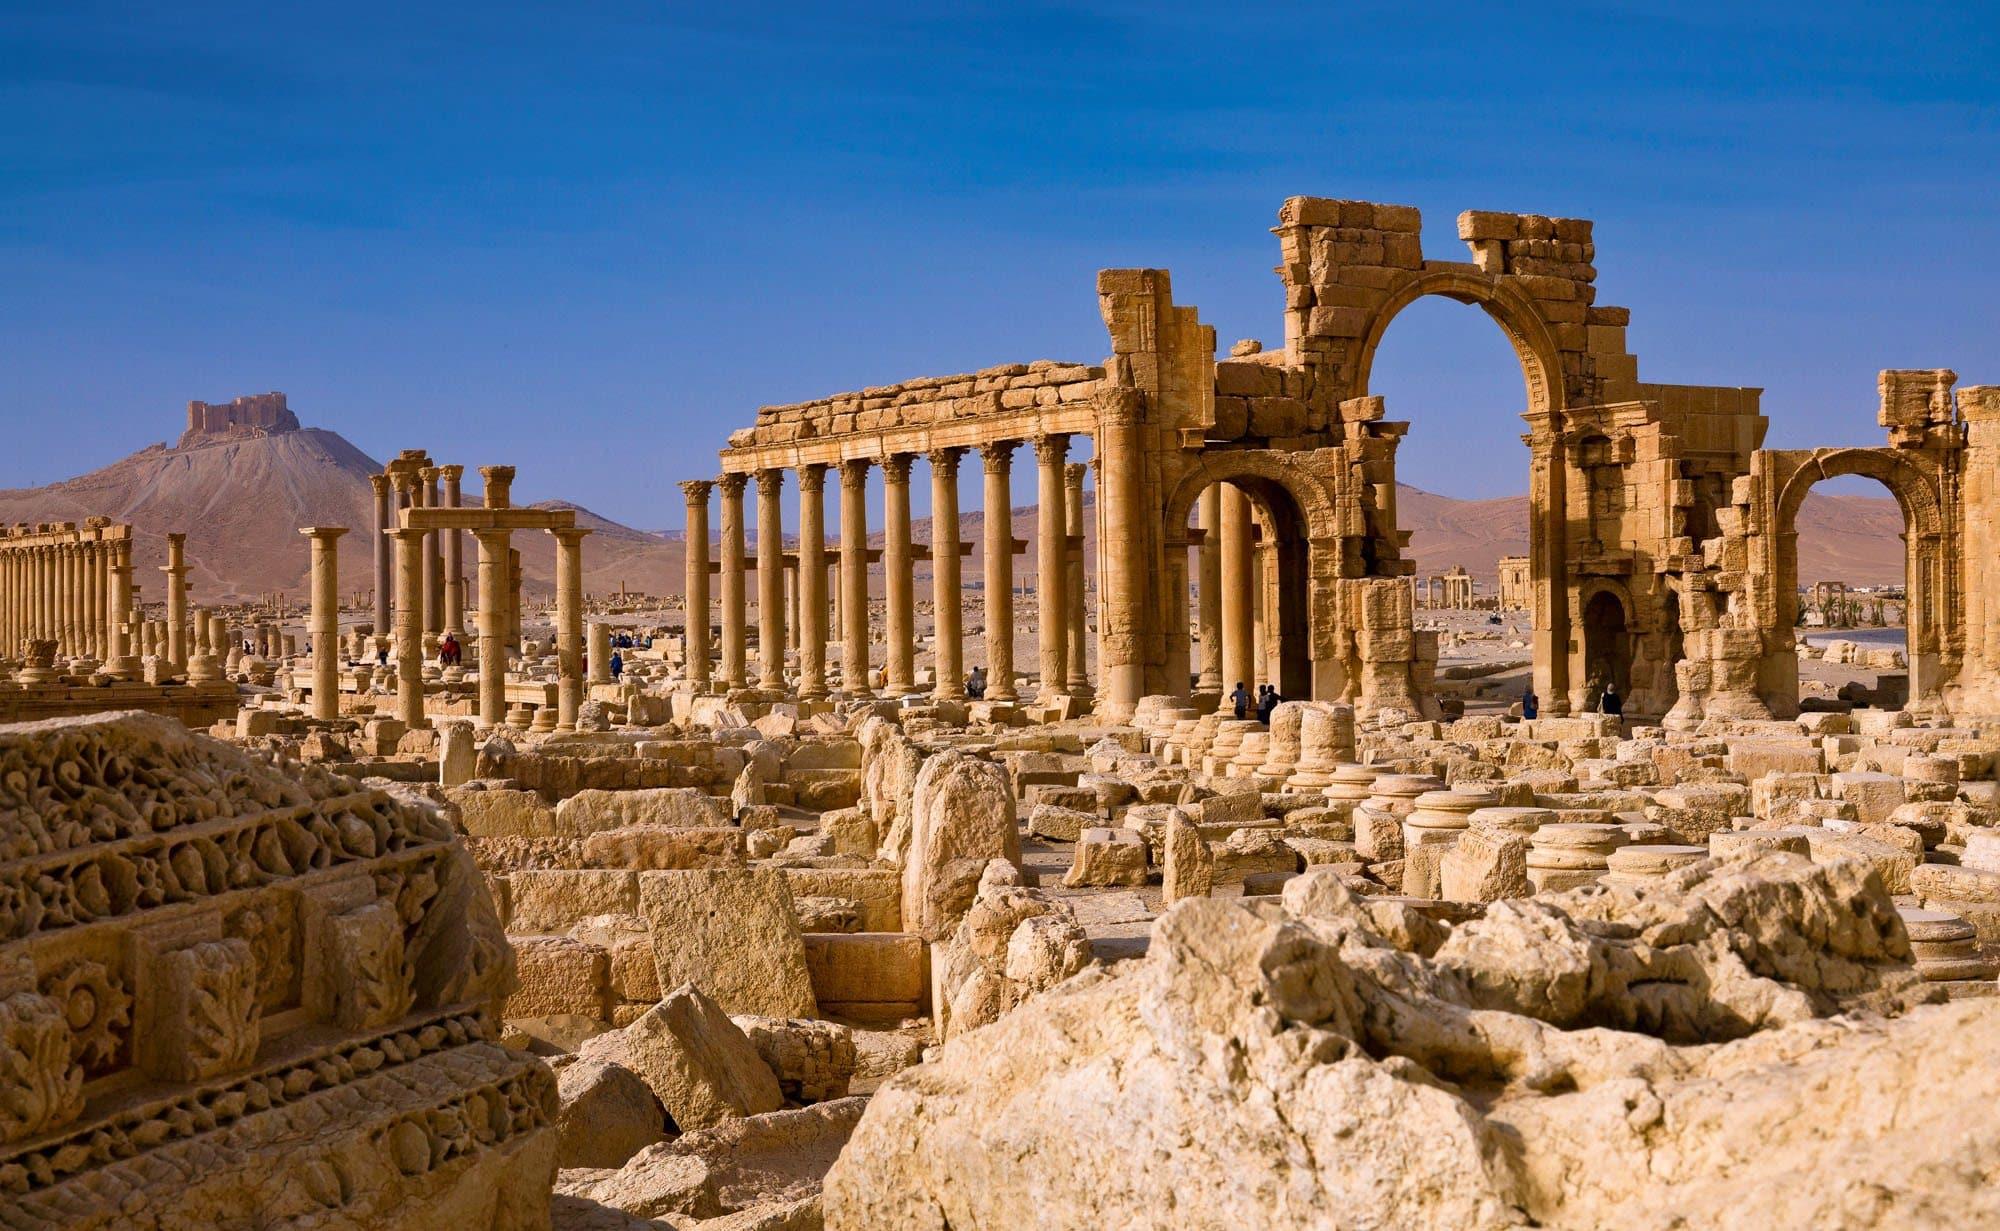 La ciudad siria de Palmira reabrirá sus puertas 1